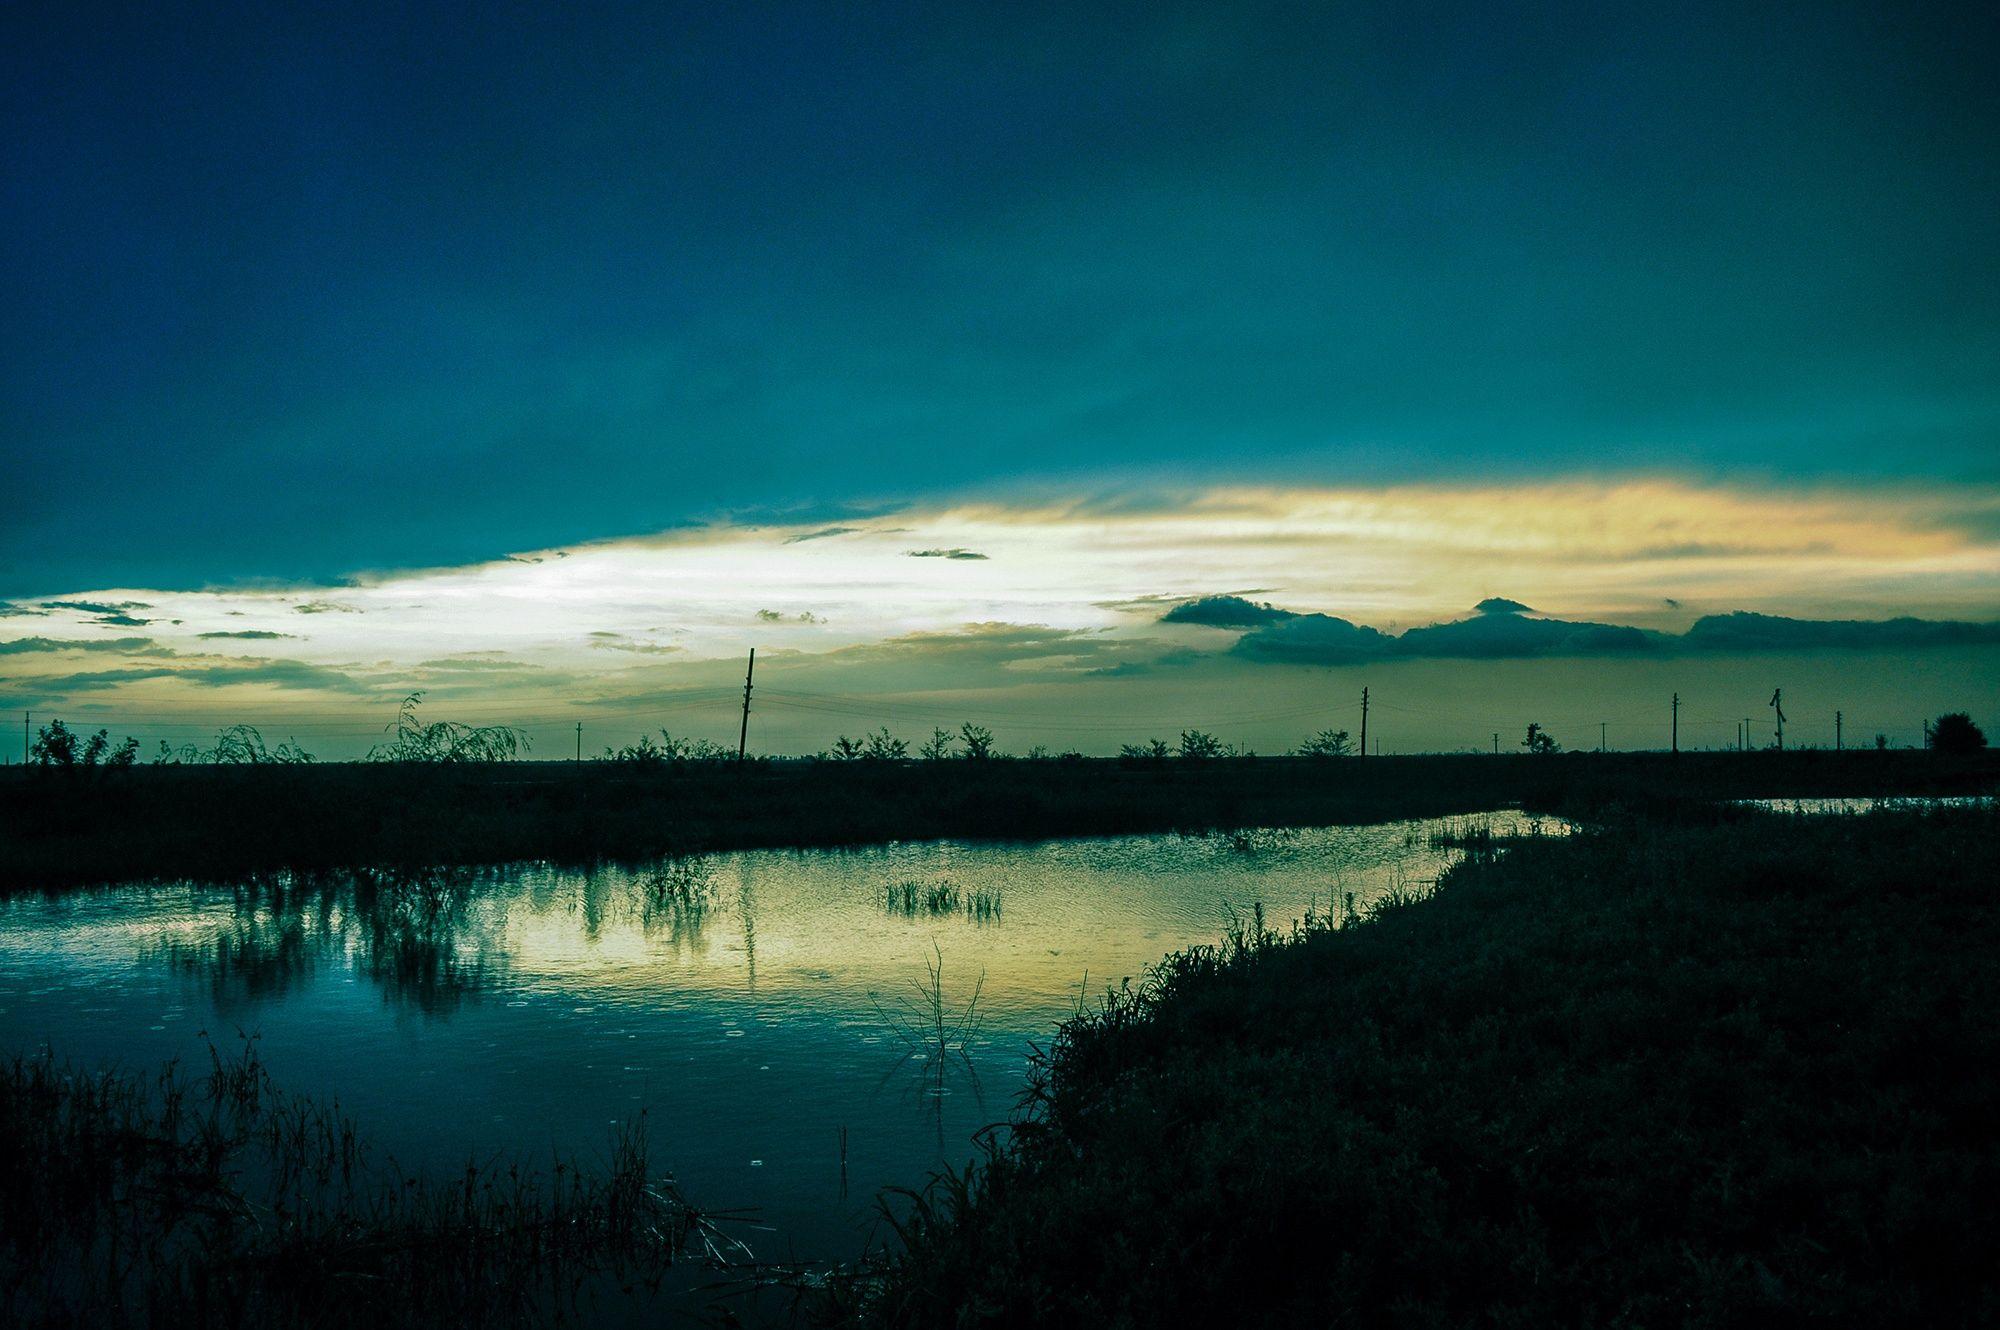 night falling by Marius Fechete on 500px